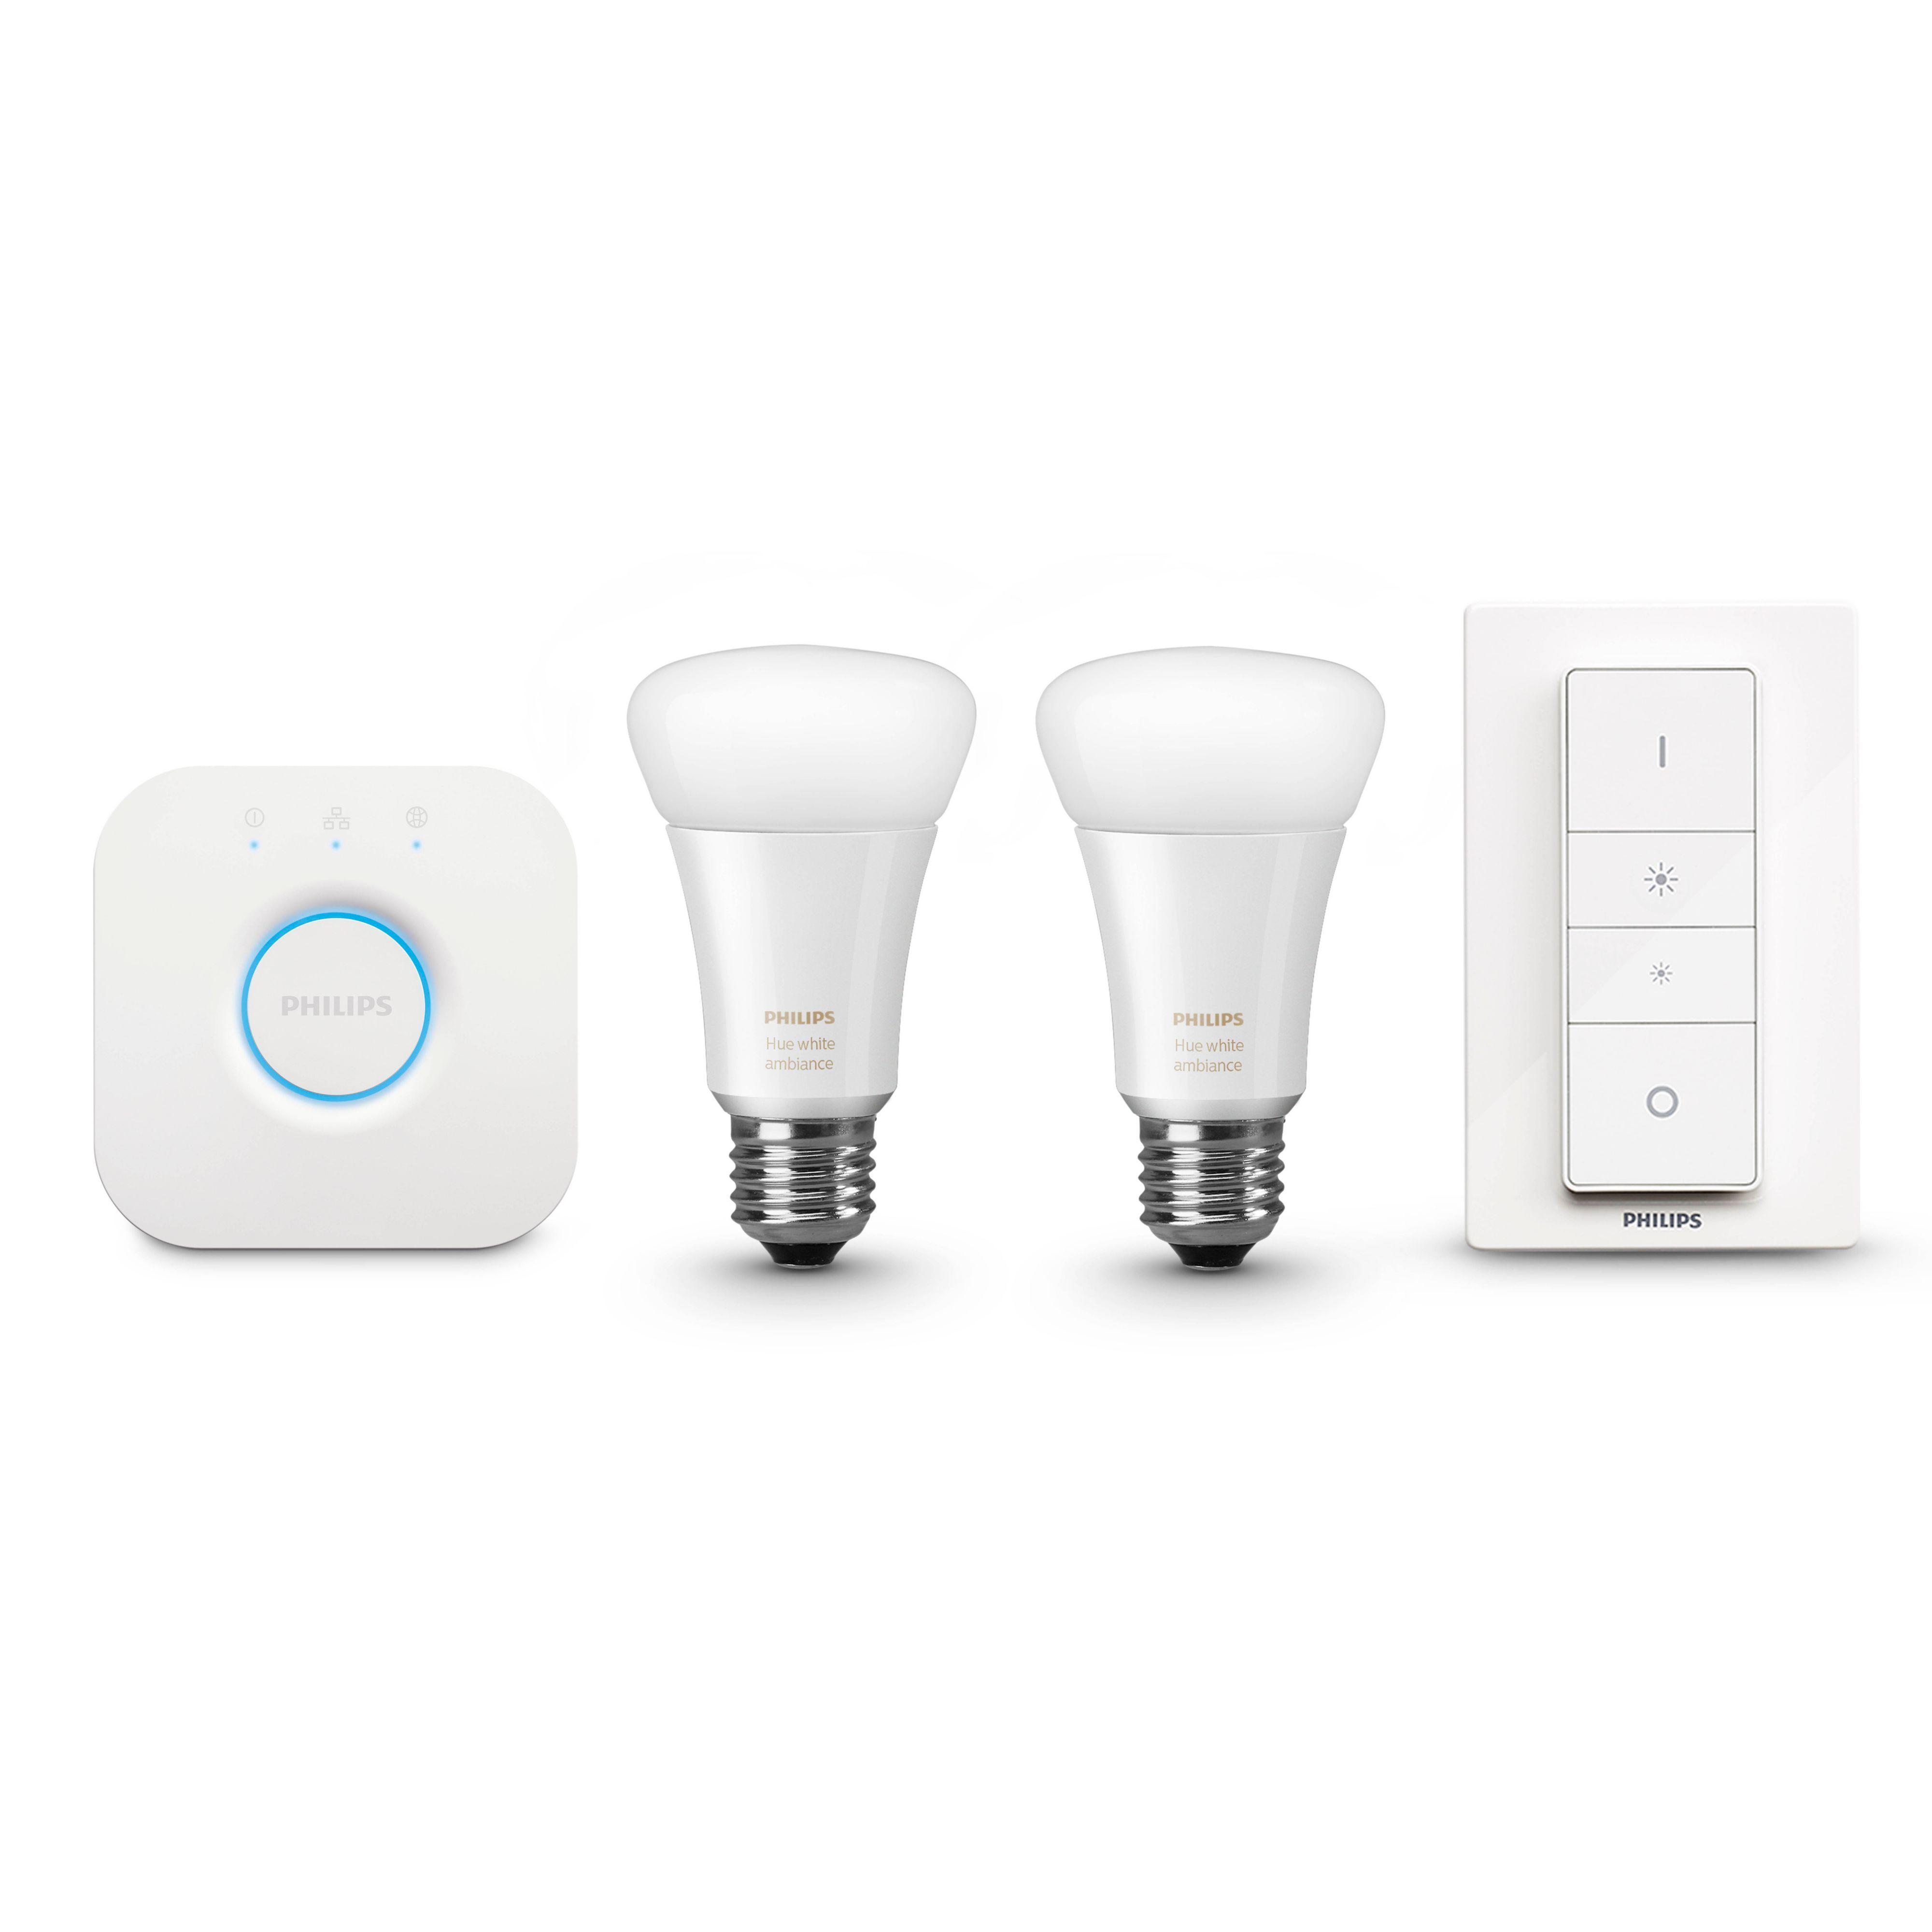 Philips Hue Led White Ambience Smart Light Bulb Starter Pack, E27